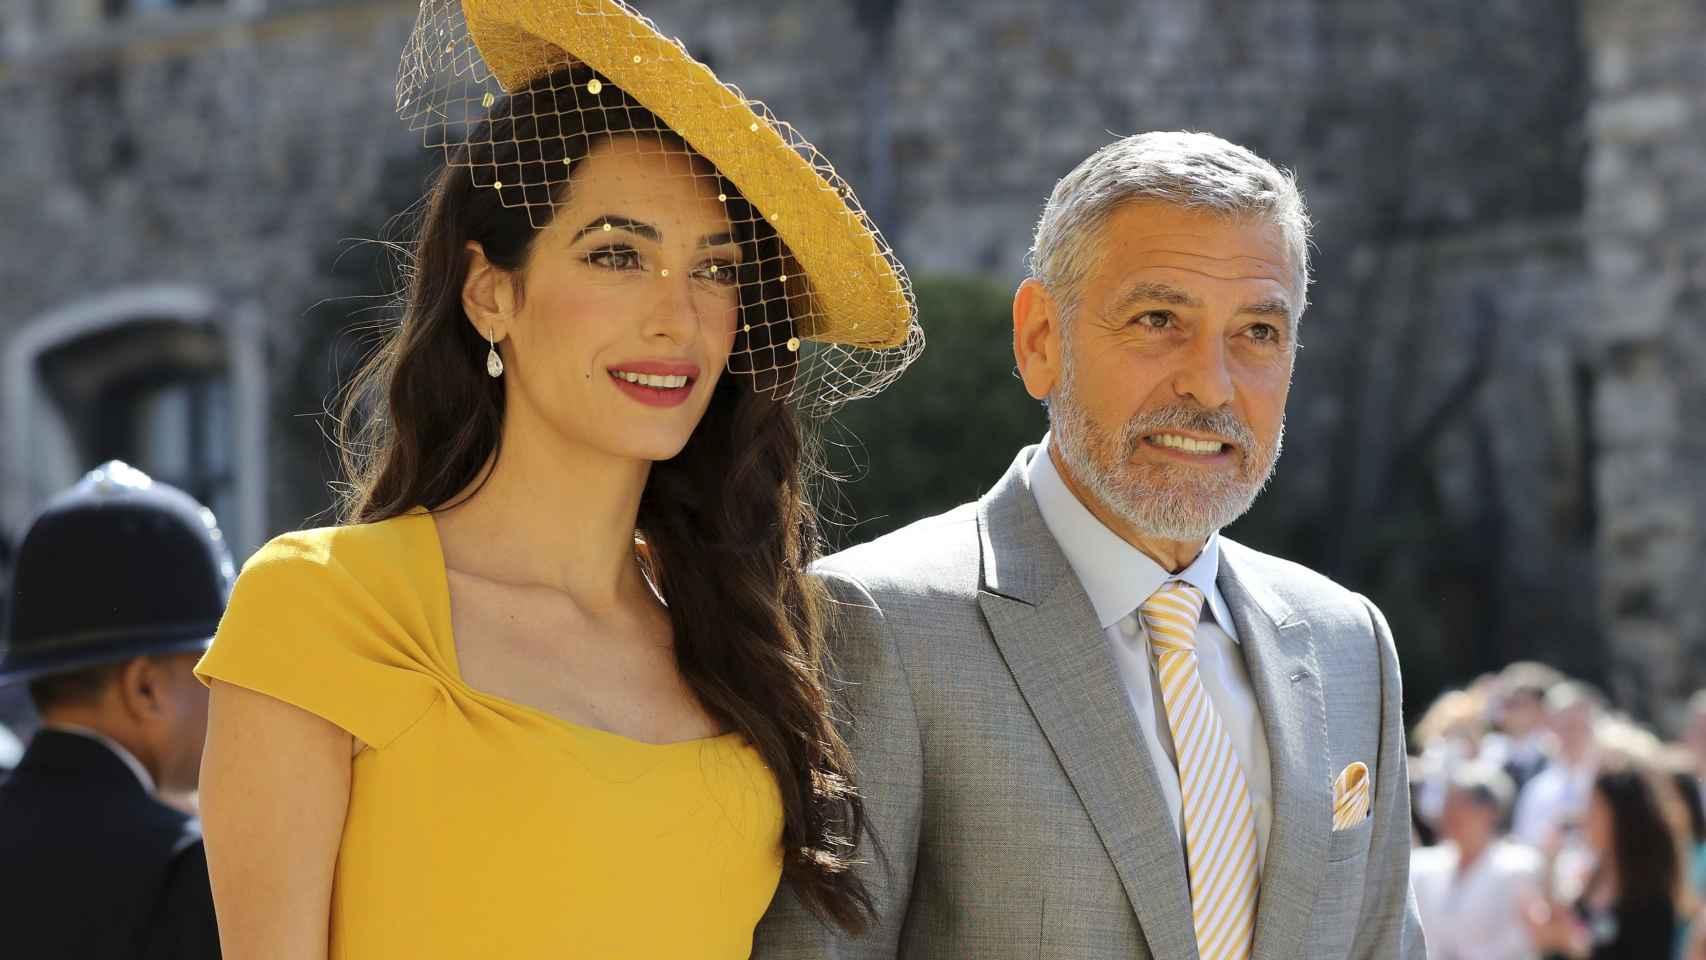 El matrimonio Clooney ha decidido jugar con el amarillo e ir conjuntados a la boda real.